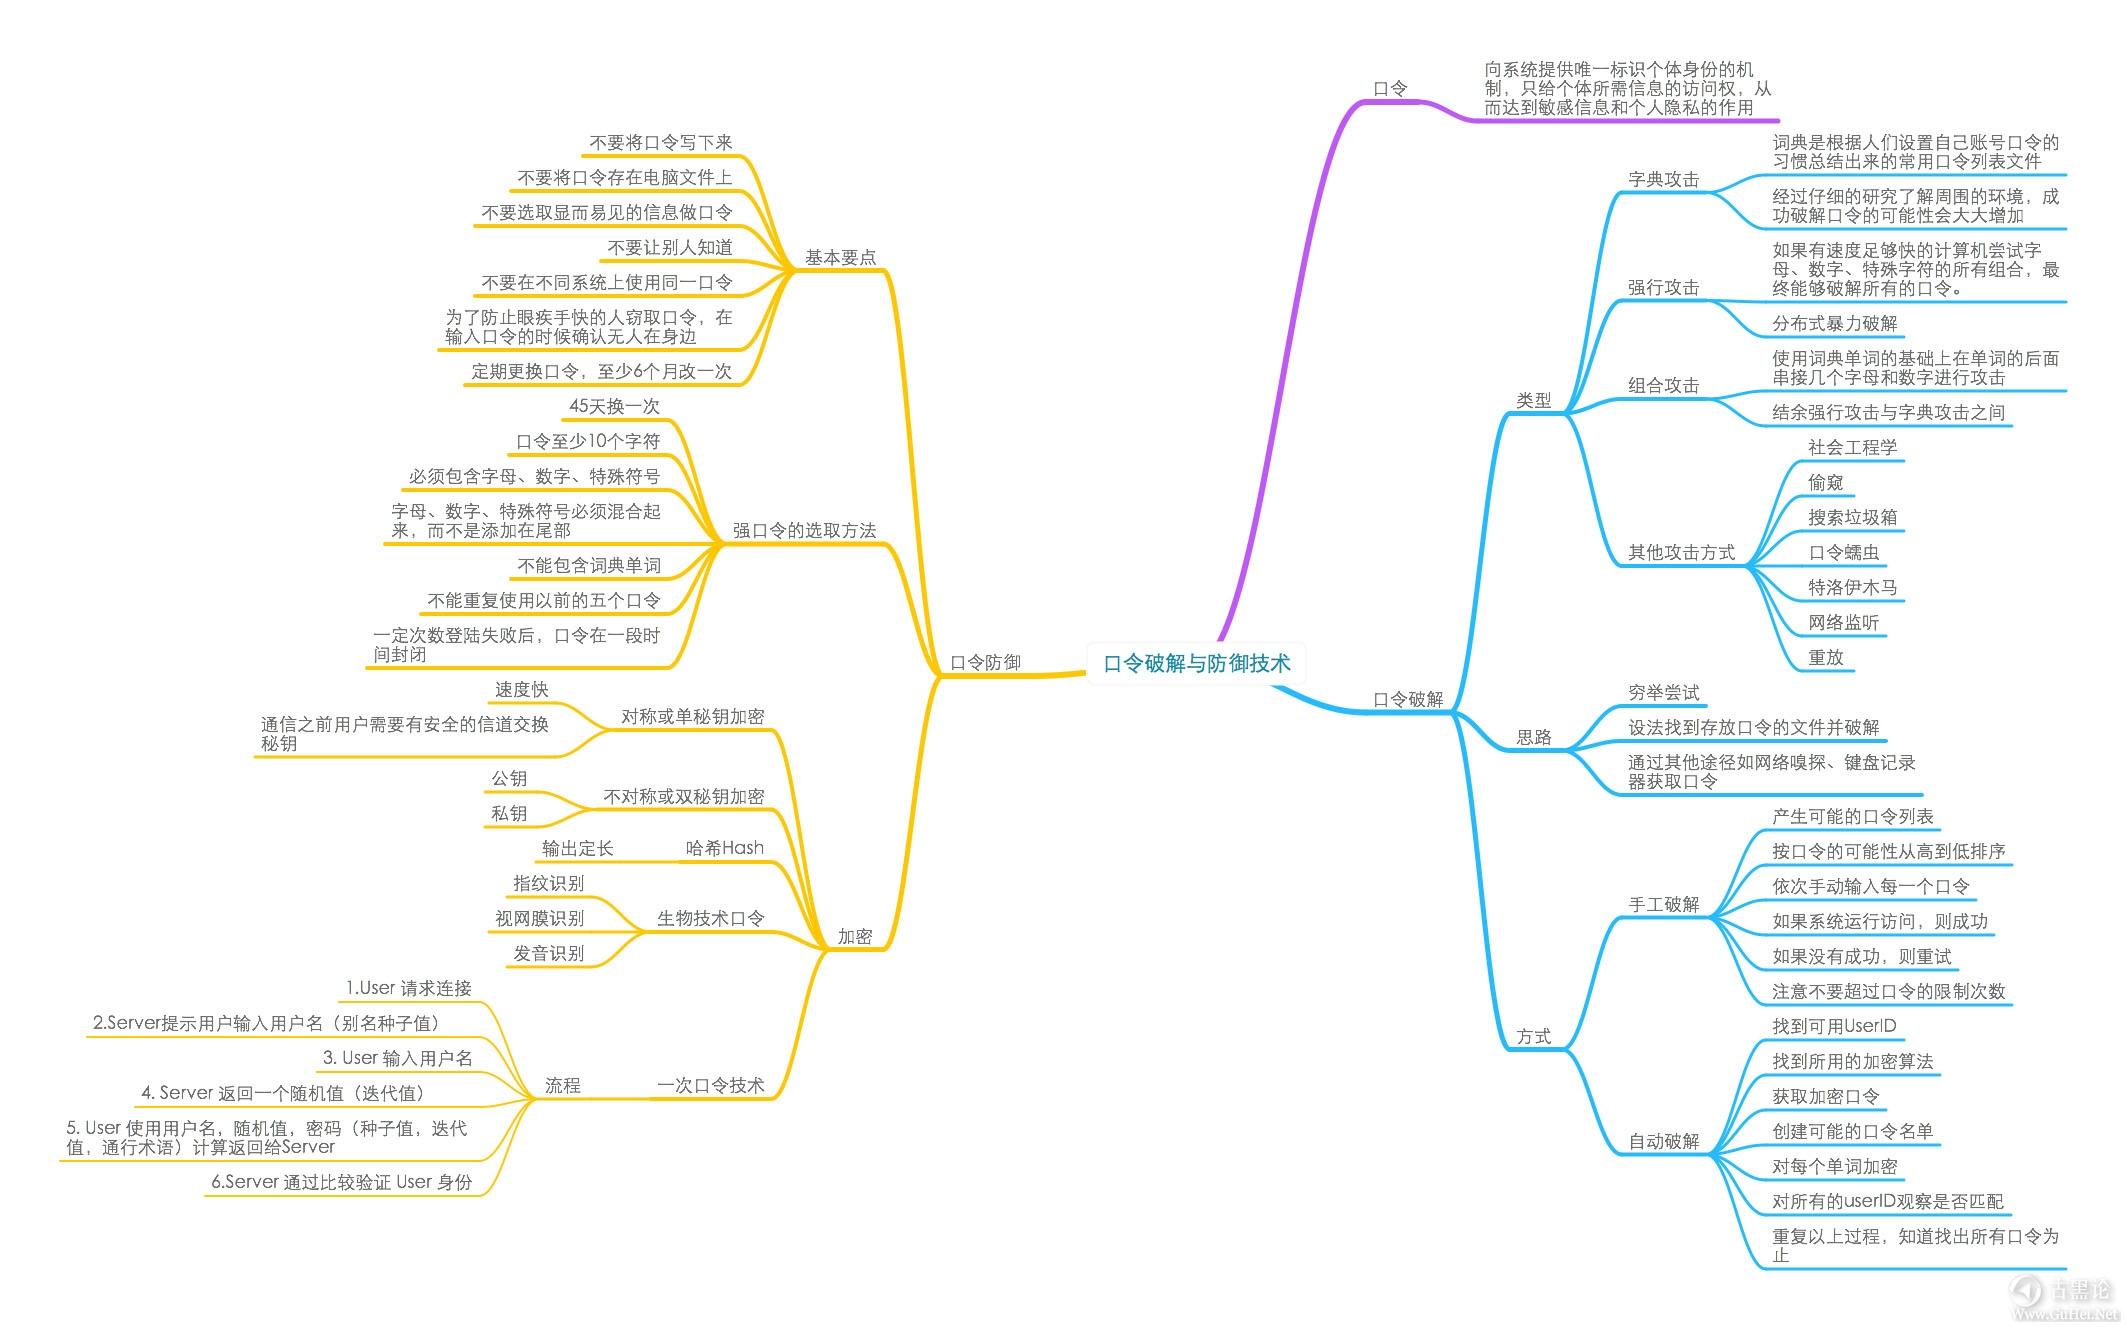 网络安全学习导图(图片约6M) 4-口令破解.jpg